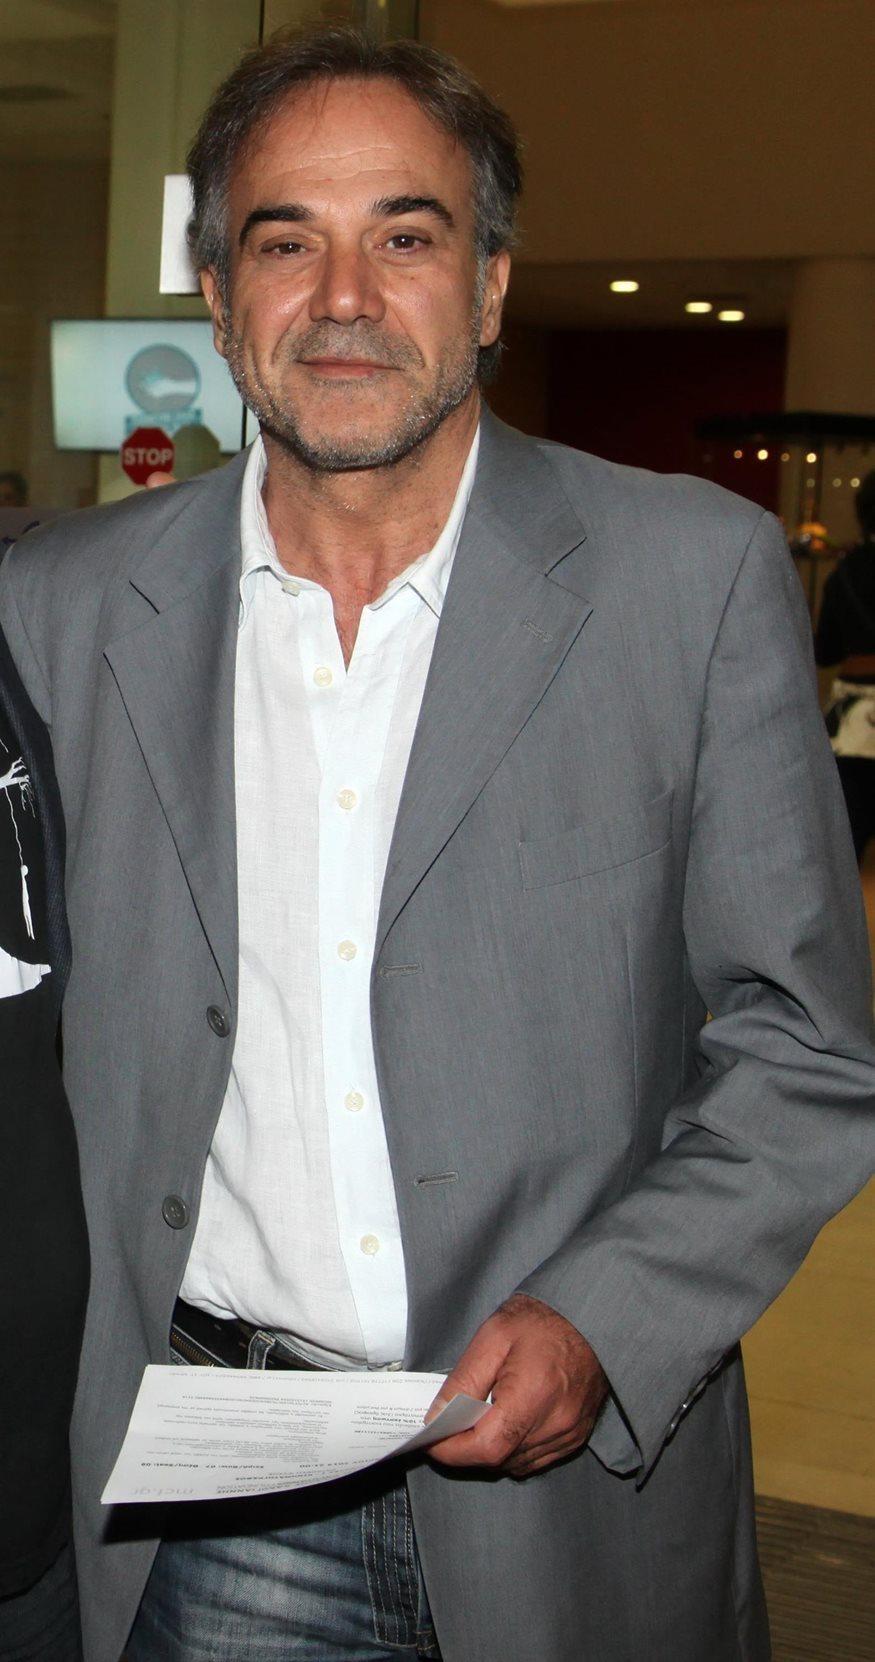 Παύλος Ευαγγελόπουλος: Στα 57 του με κοιλιακούς… φέτες!